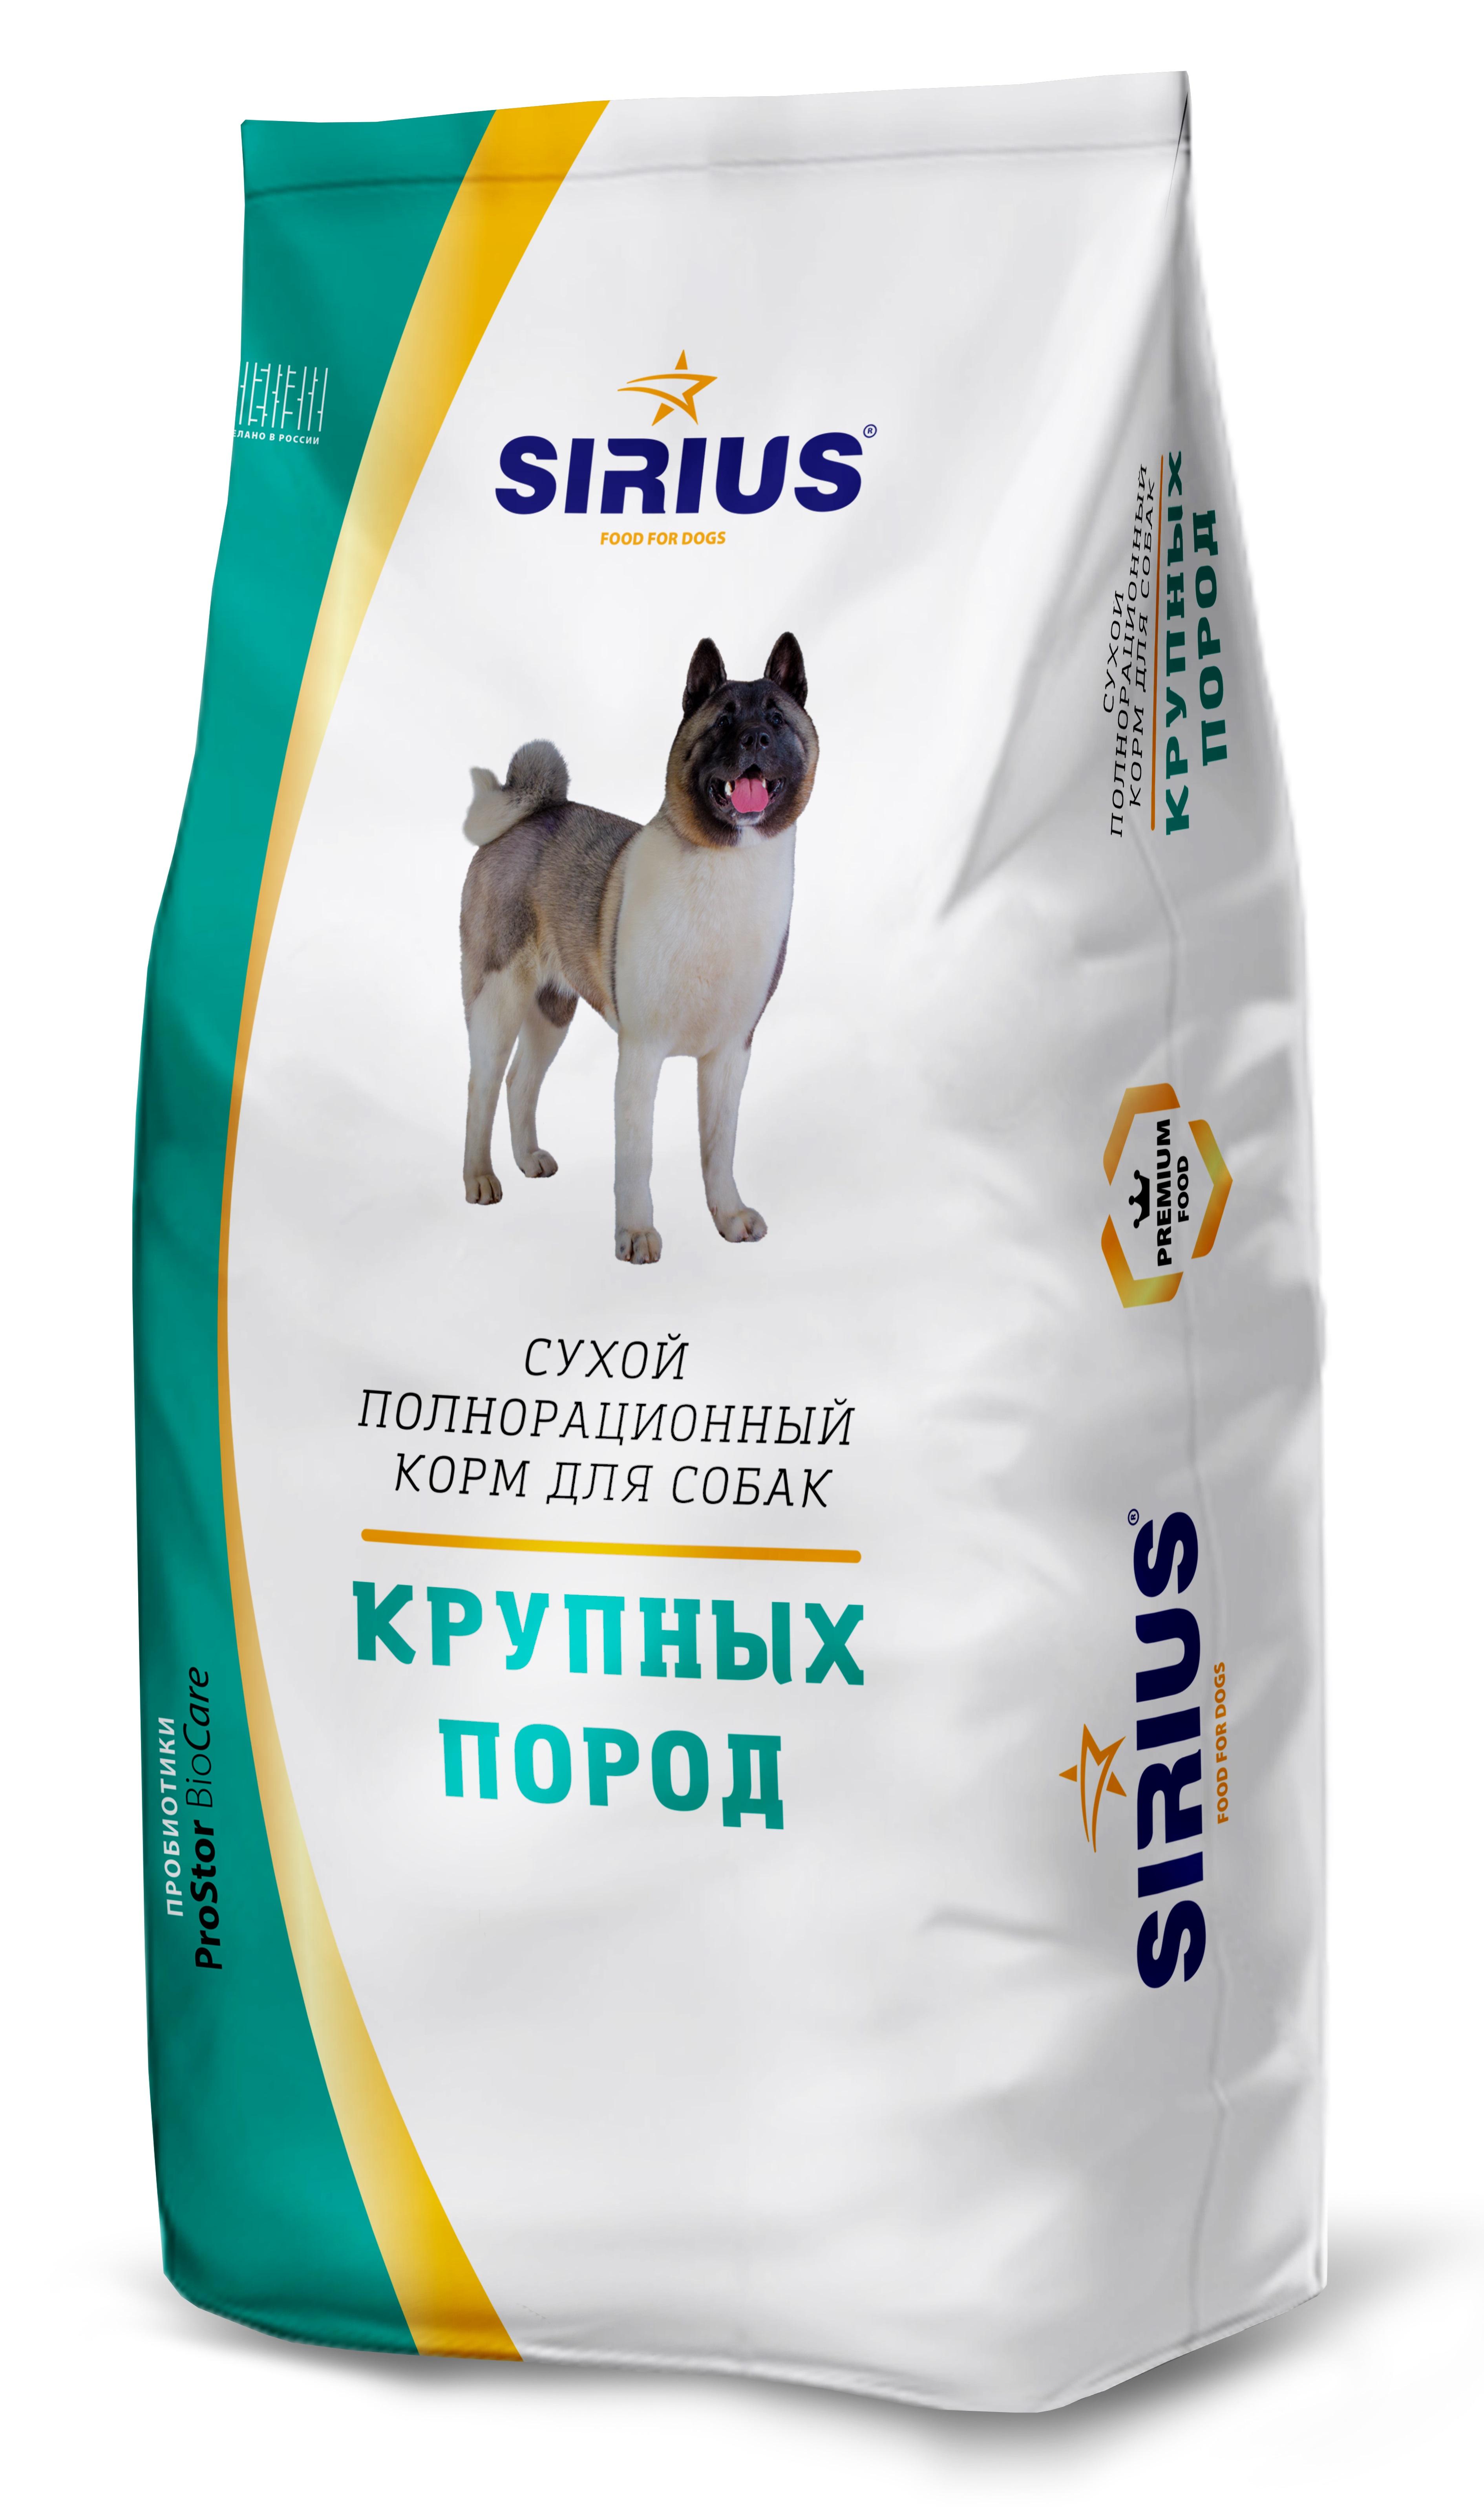 Сухой корм для взрослых собак крупных пород SIRIUS со вкусом мяса птицы, 3 кг